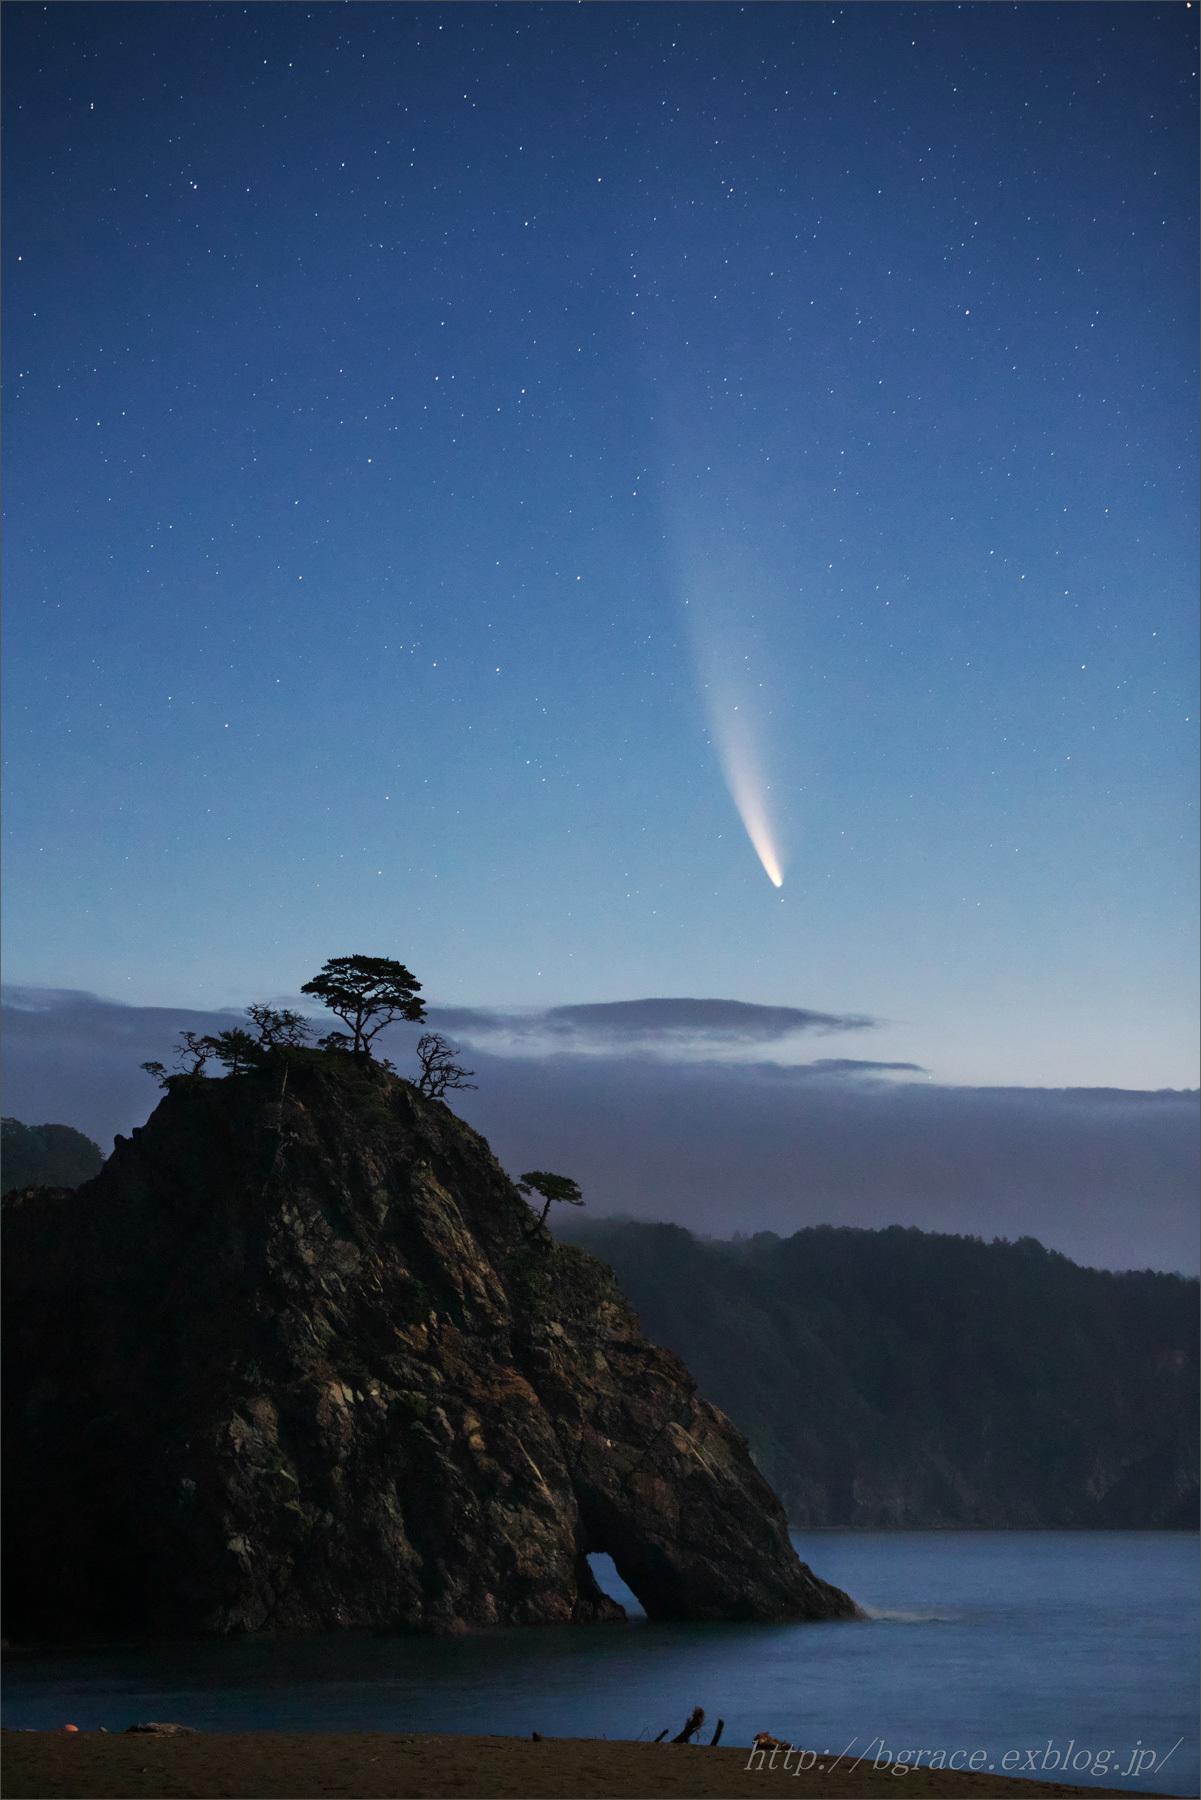 ネオワイズ彗星 (C/2020F3) 7月14日撮影 岩手県 Vol.2_b0191074_20175966.jpg